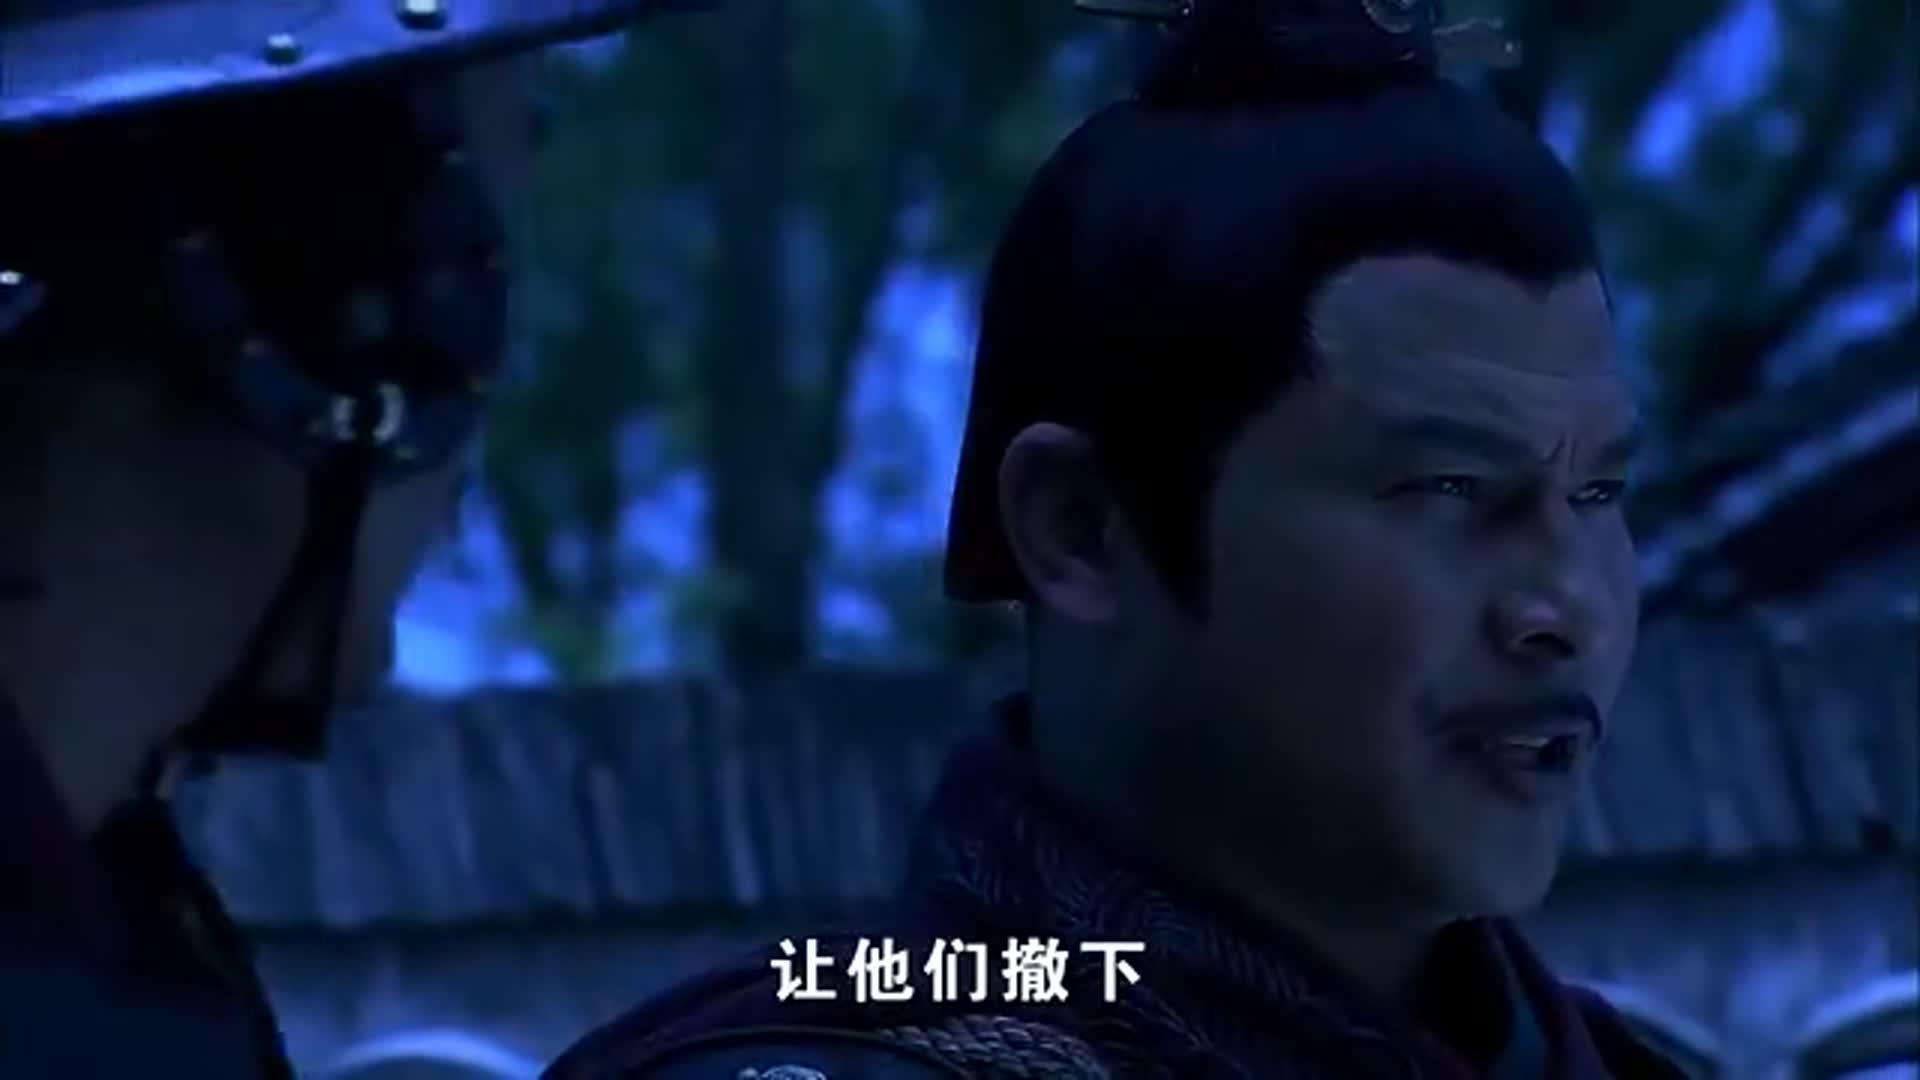 精忠岳飞:王中军让傅庆等人撤走,傅庆没有听他的